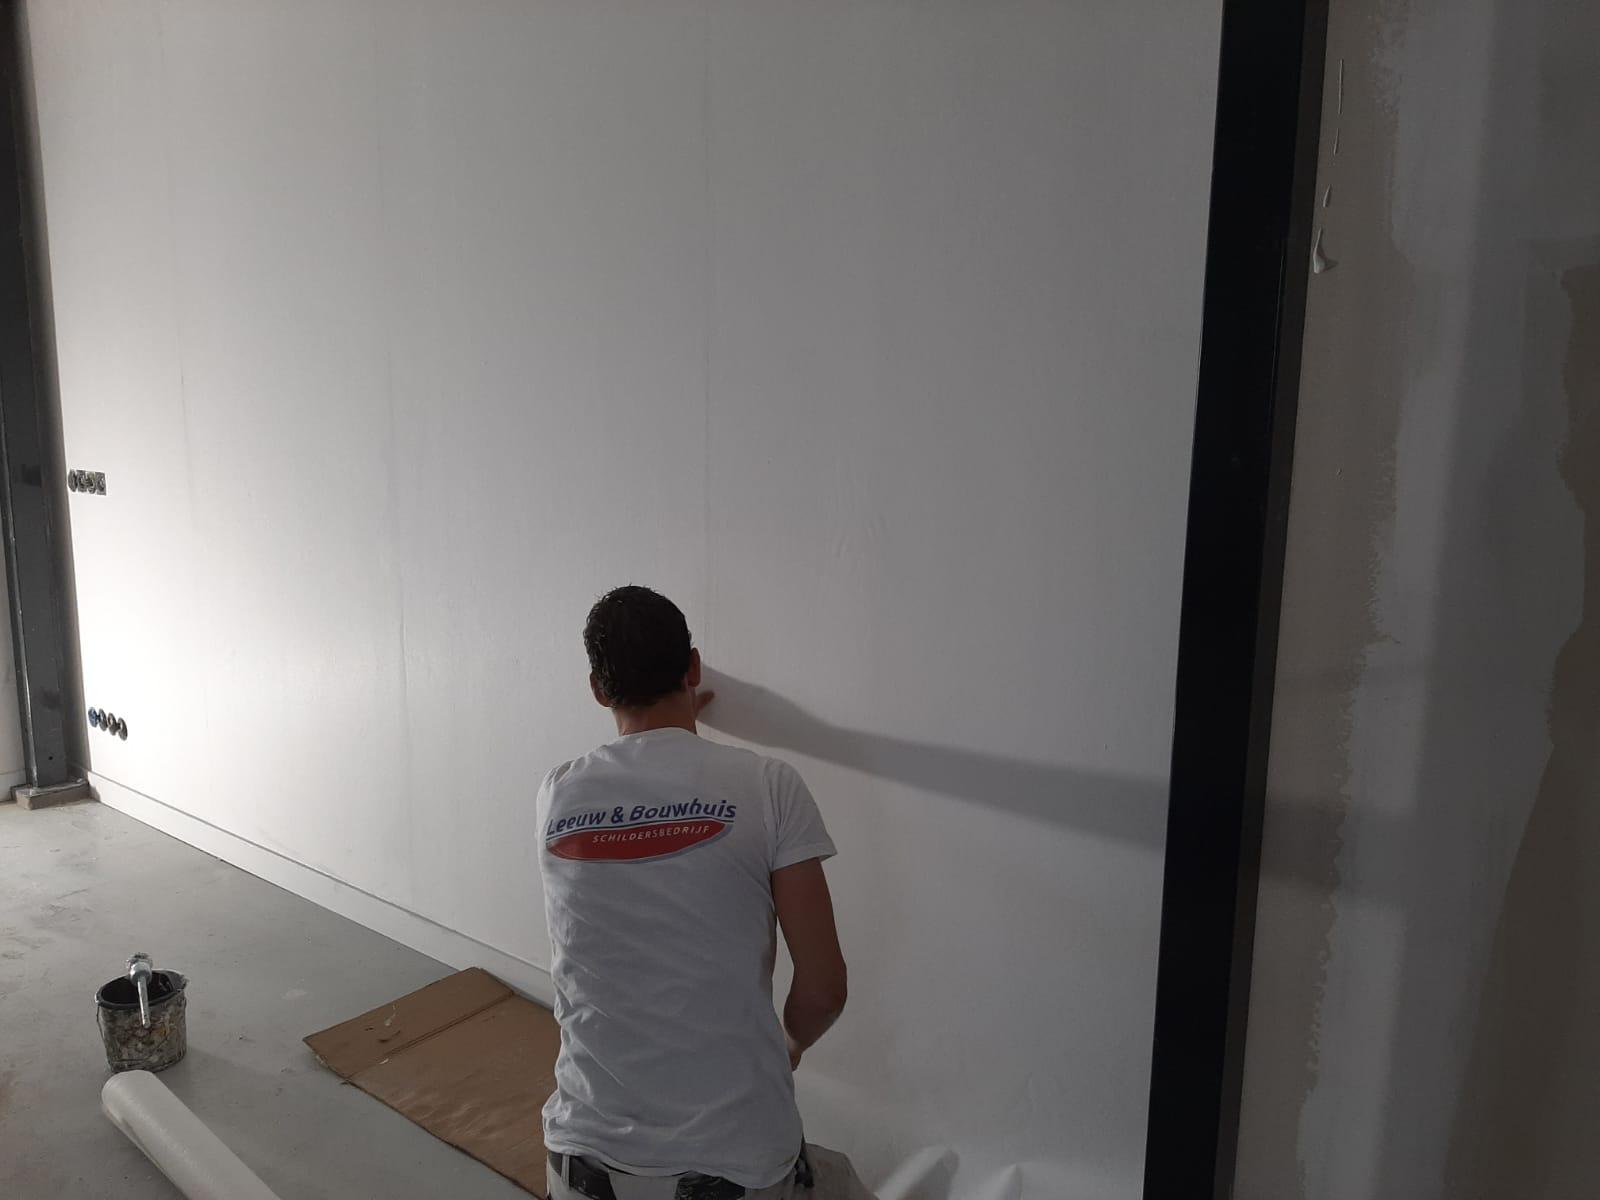 Wandafwerking schildersbedrijf Leeuw & Bouwhuis